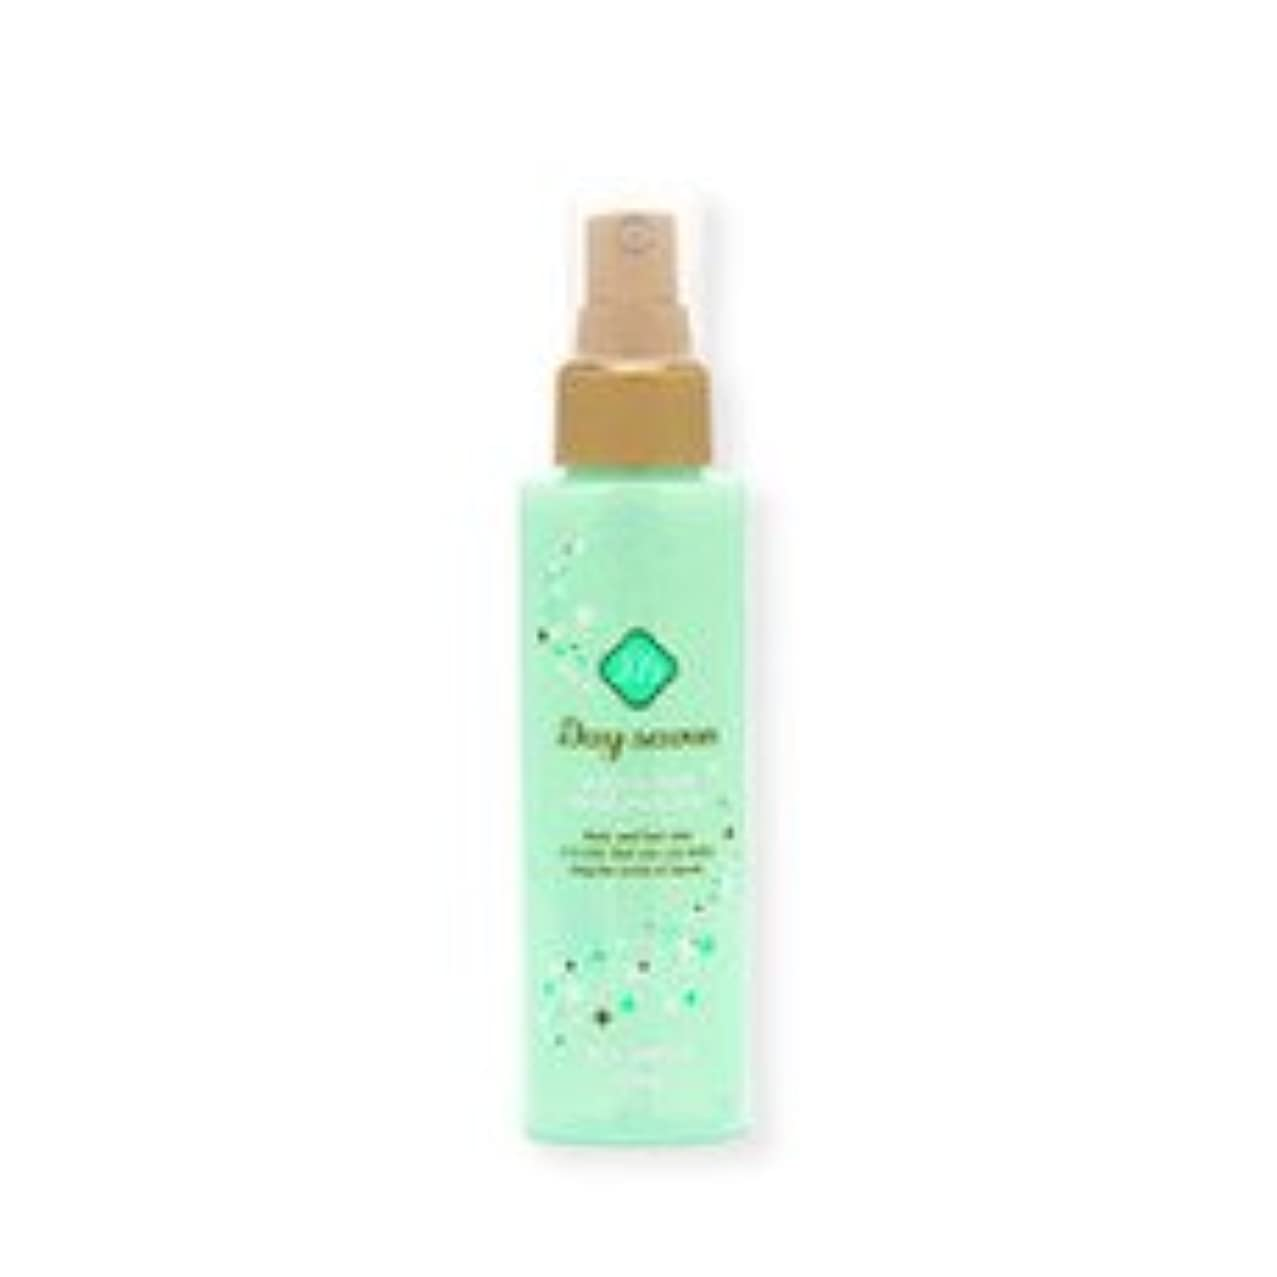 悲しいことにエスカレート国富士薬品 デイサボン ボディ&ヘアミスト シーサボン(爽やかな石鹸の香り)[化粧水] 120mL